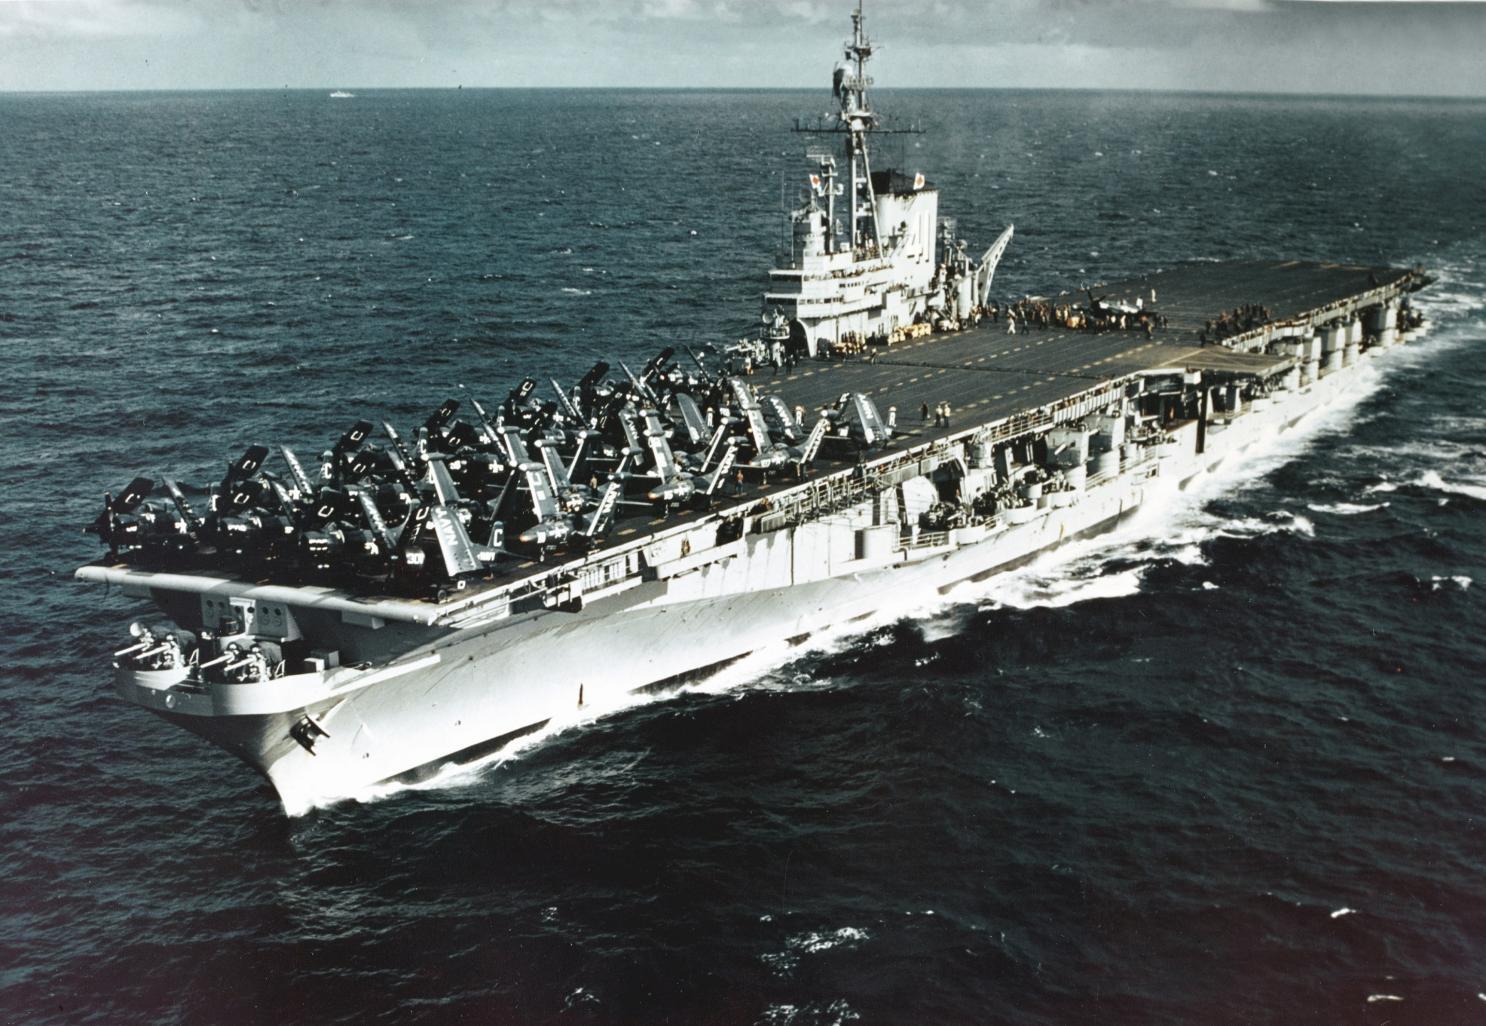 Chuyện Liên Xô chống Mỹ ở Biển Đông thời chiến tranh Việt Nam